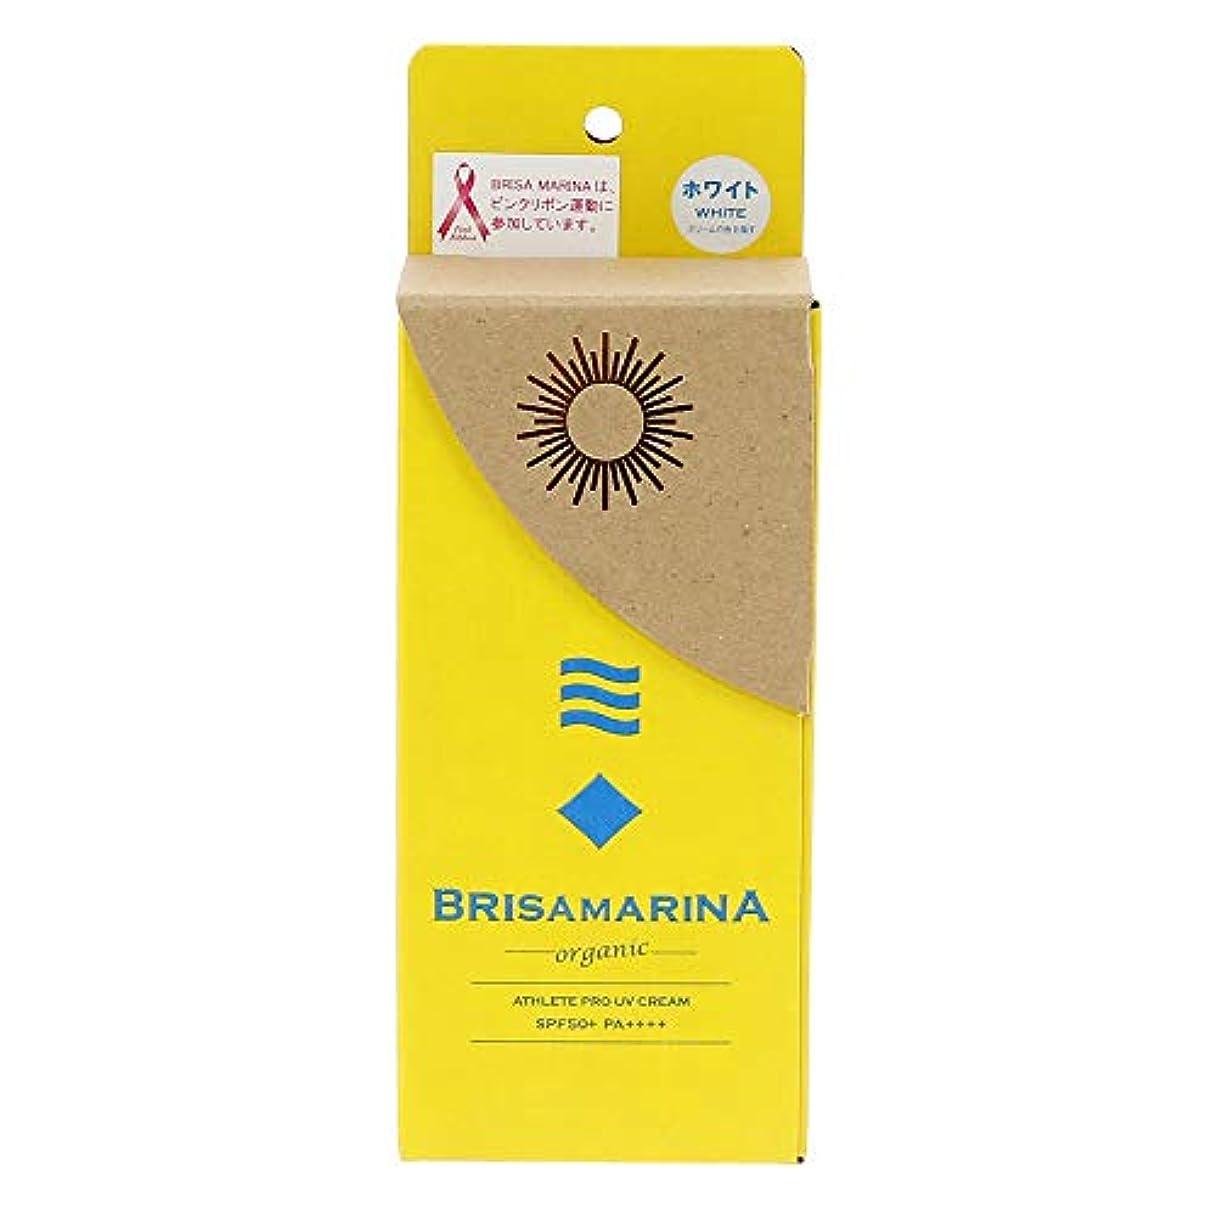 白い時折時間とともにBRISA MARINA(ブリサ マリーナ) 日焼止め アスリートプロ UVクリーム 70g (ホワイト)[SPF50+ PA++++] Z-0CBM0016140